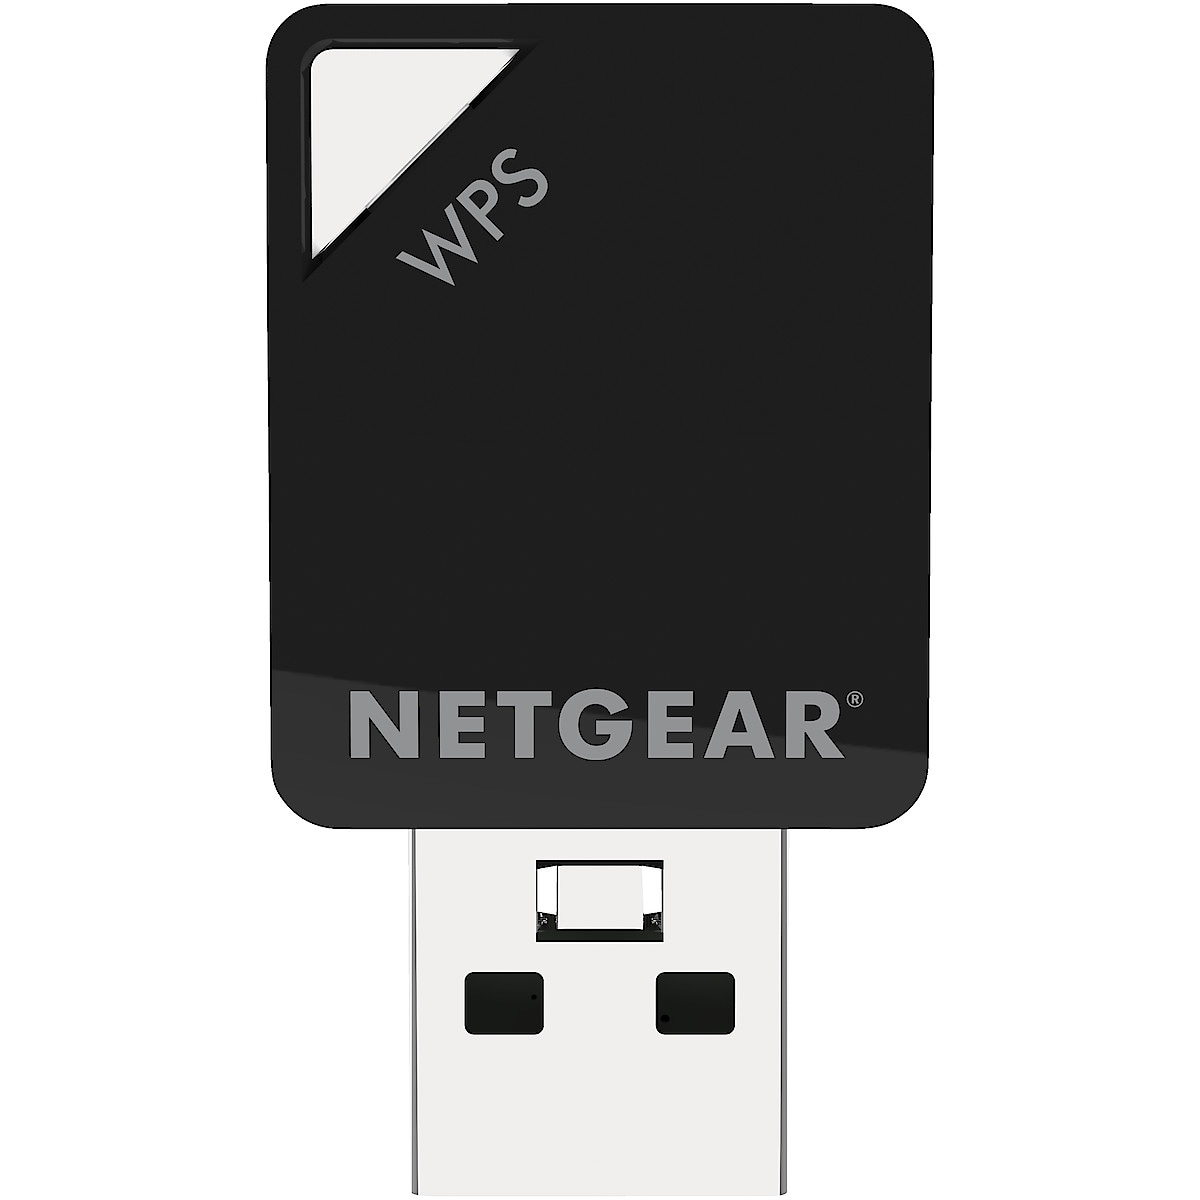 WLAN-AC-Adapter USB, Netgear A6100